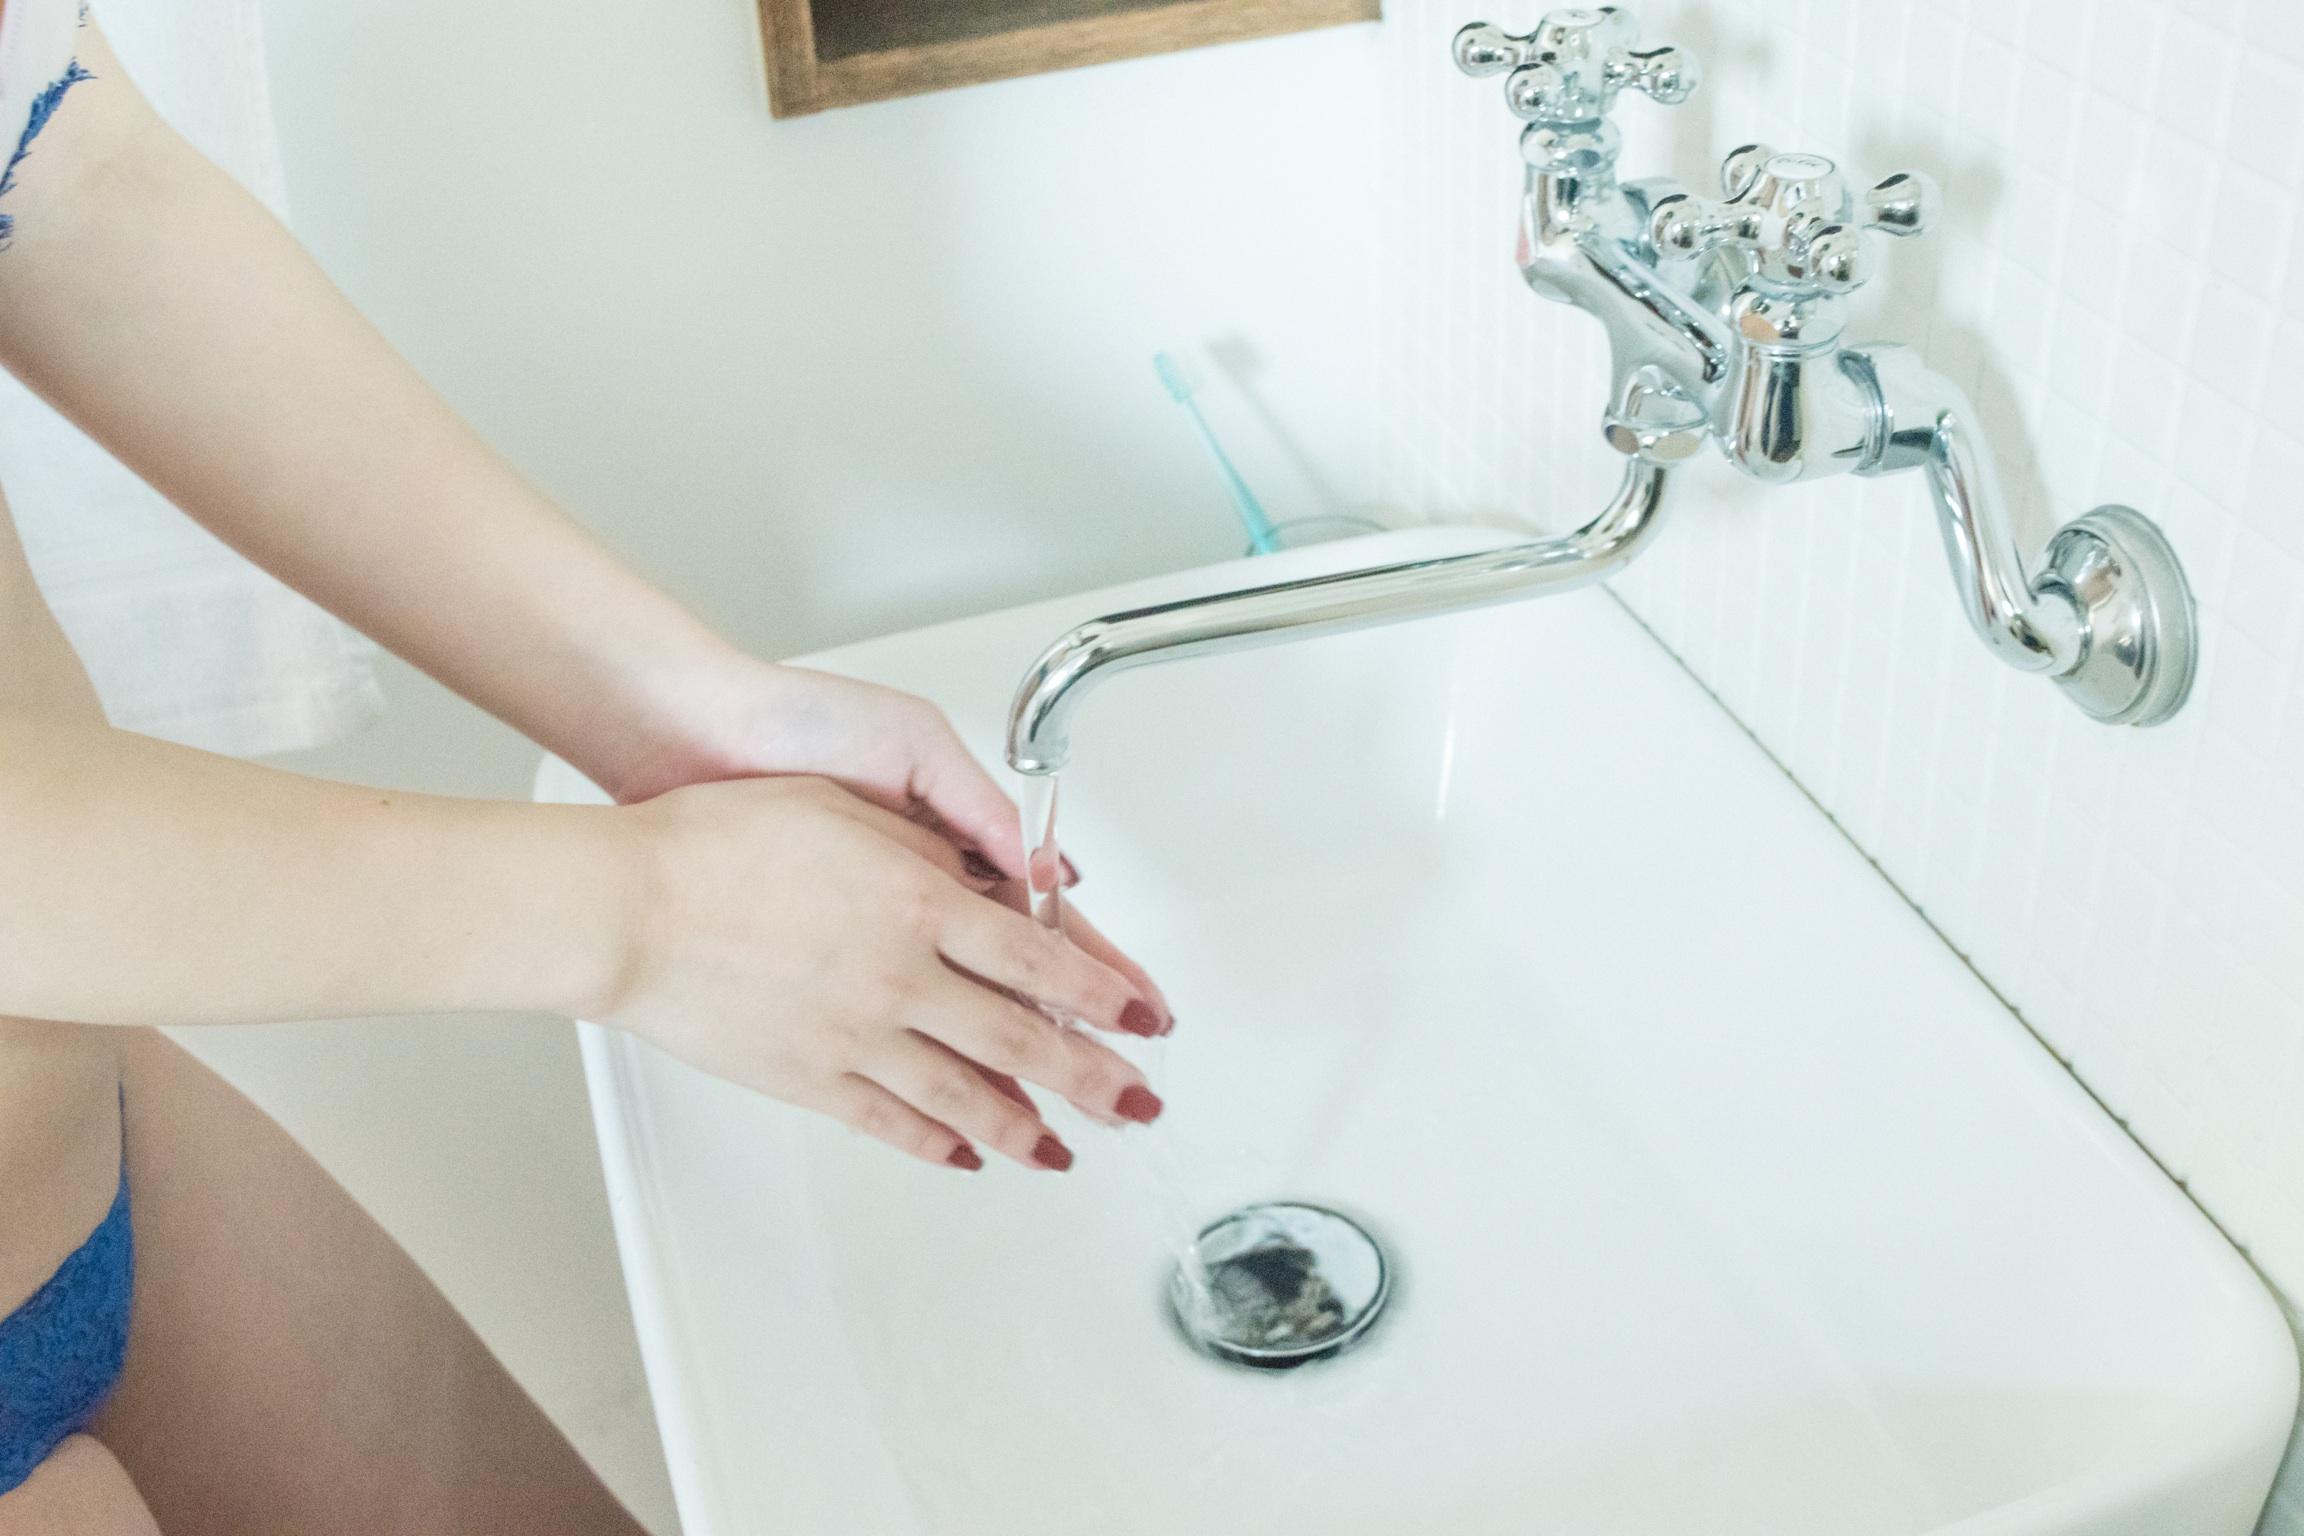 Tiger Lily Tokyoがオススメするランジェリーの洗い方:手洗い習慣でお気に入りを長持ち